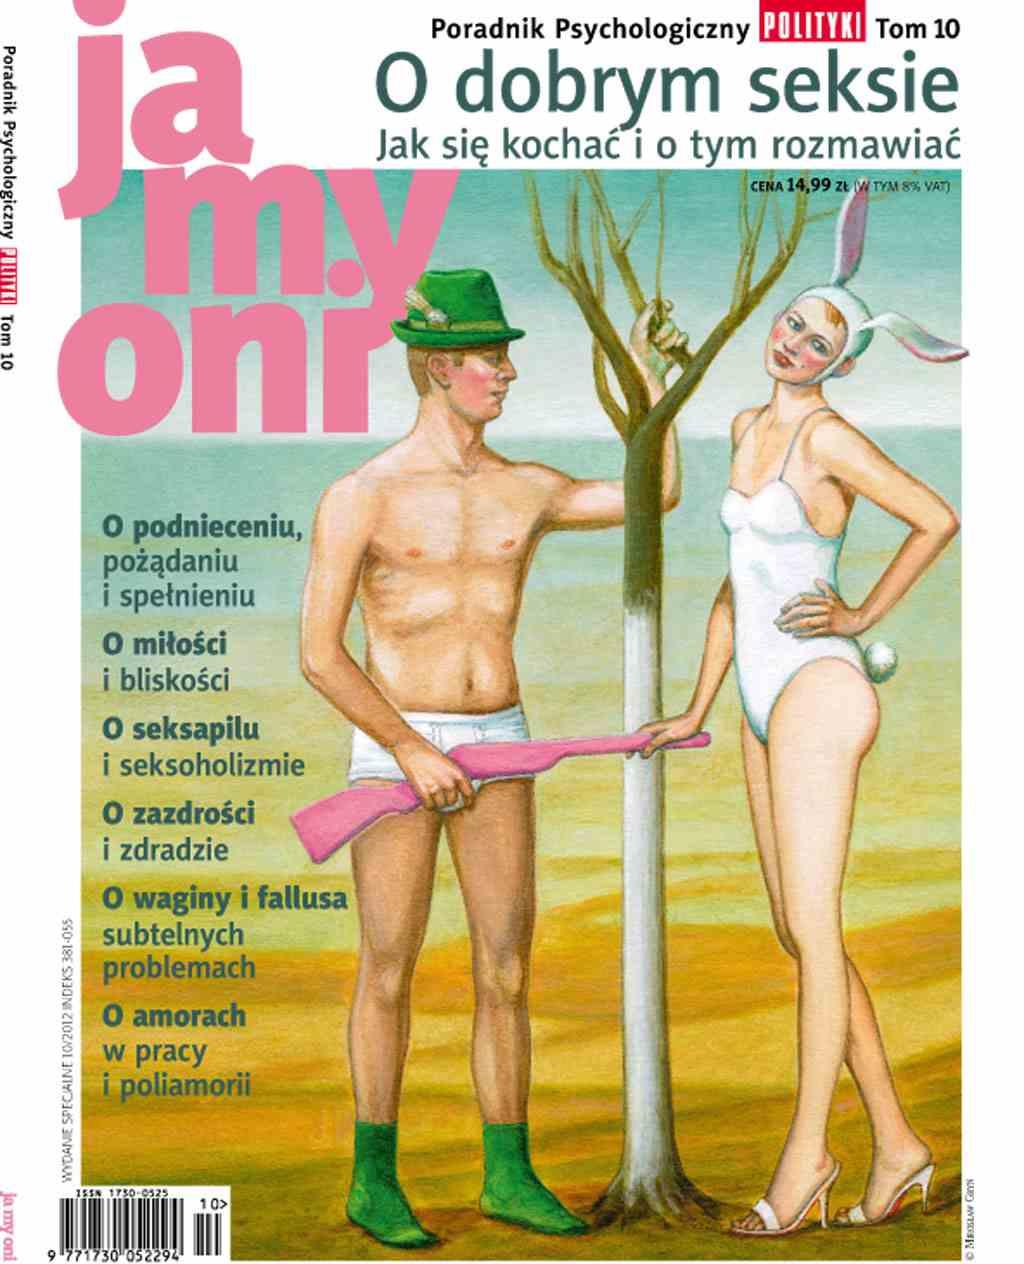 Poradnik Psychologiczny: O dobrym seksie - Ebook (Książka PDF) do pobrania w formacie PDF